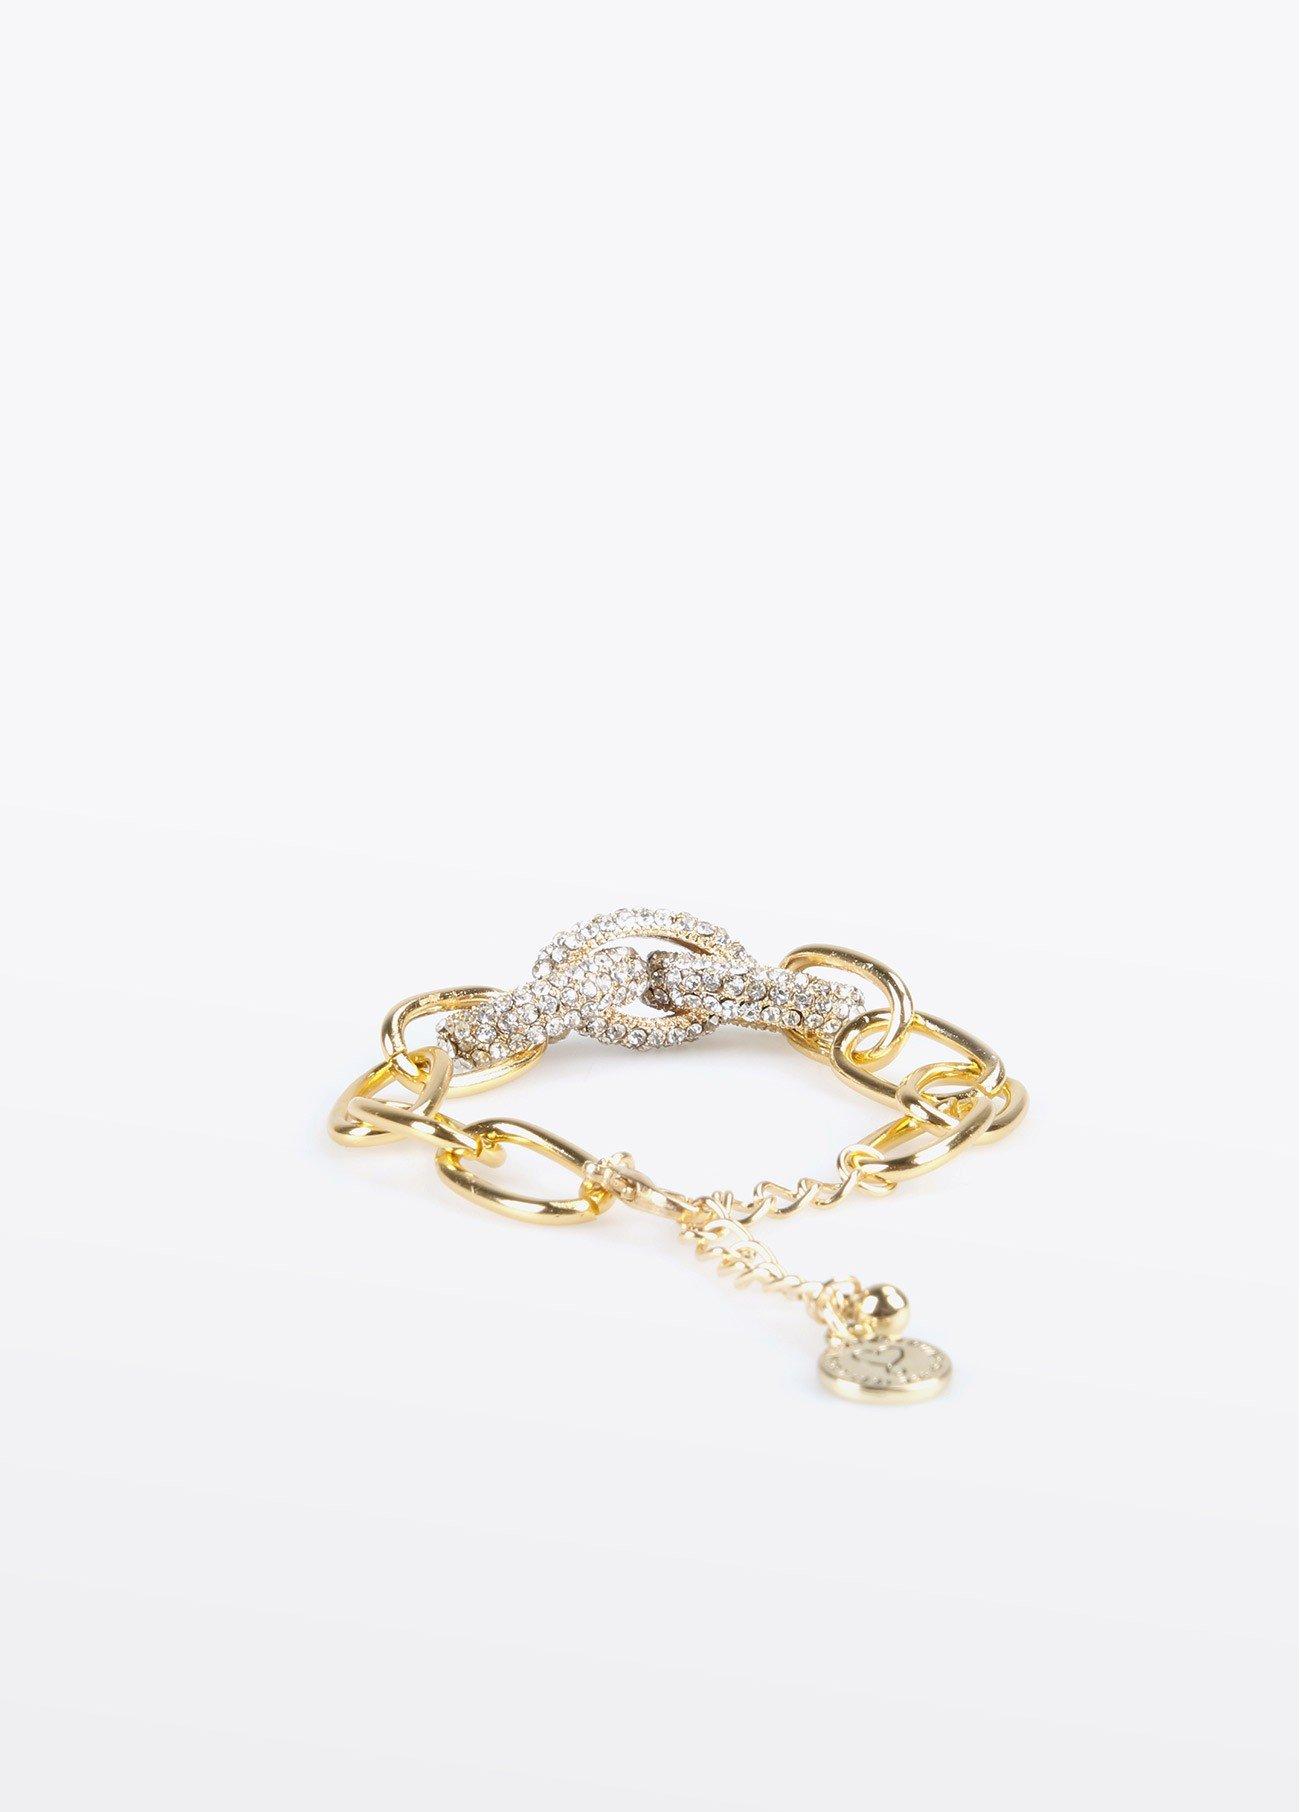 Pulsera dorada eslabones brillantitos, dorado 2